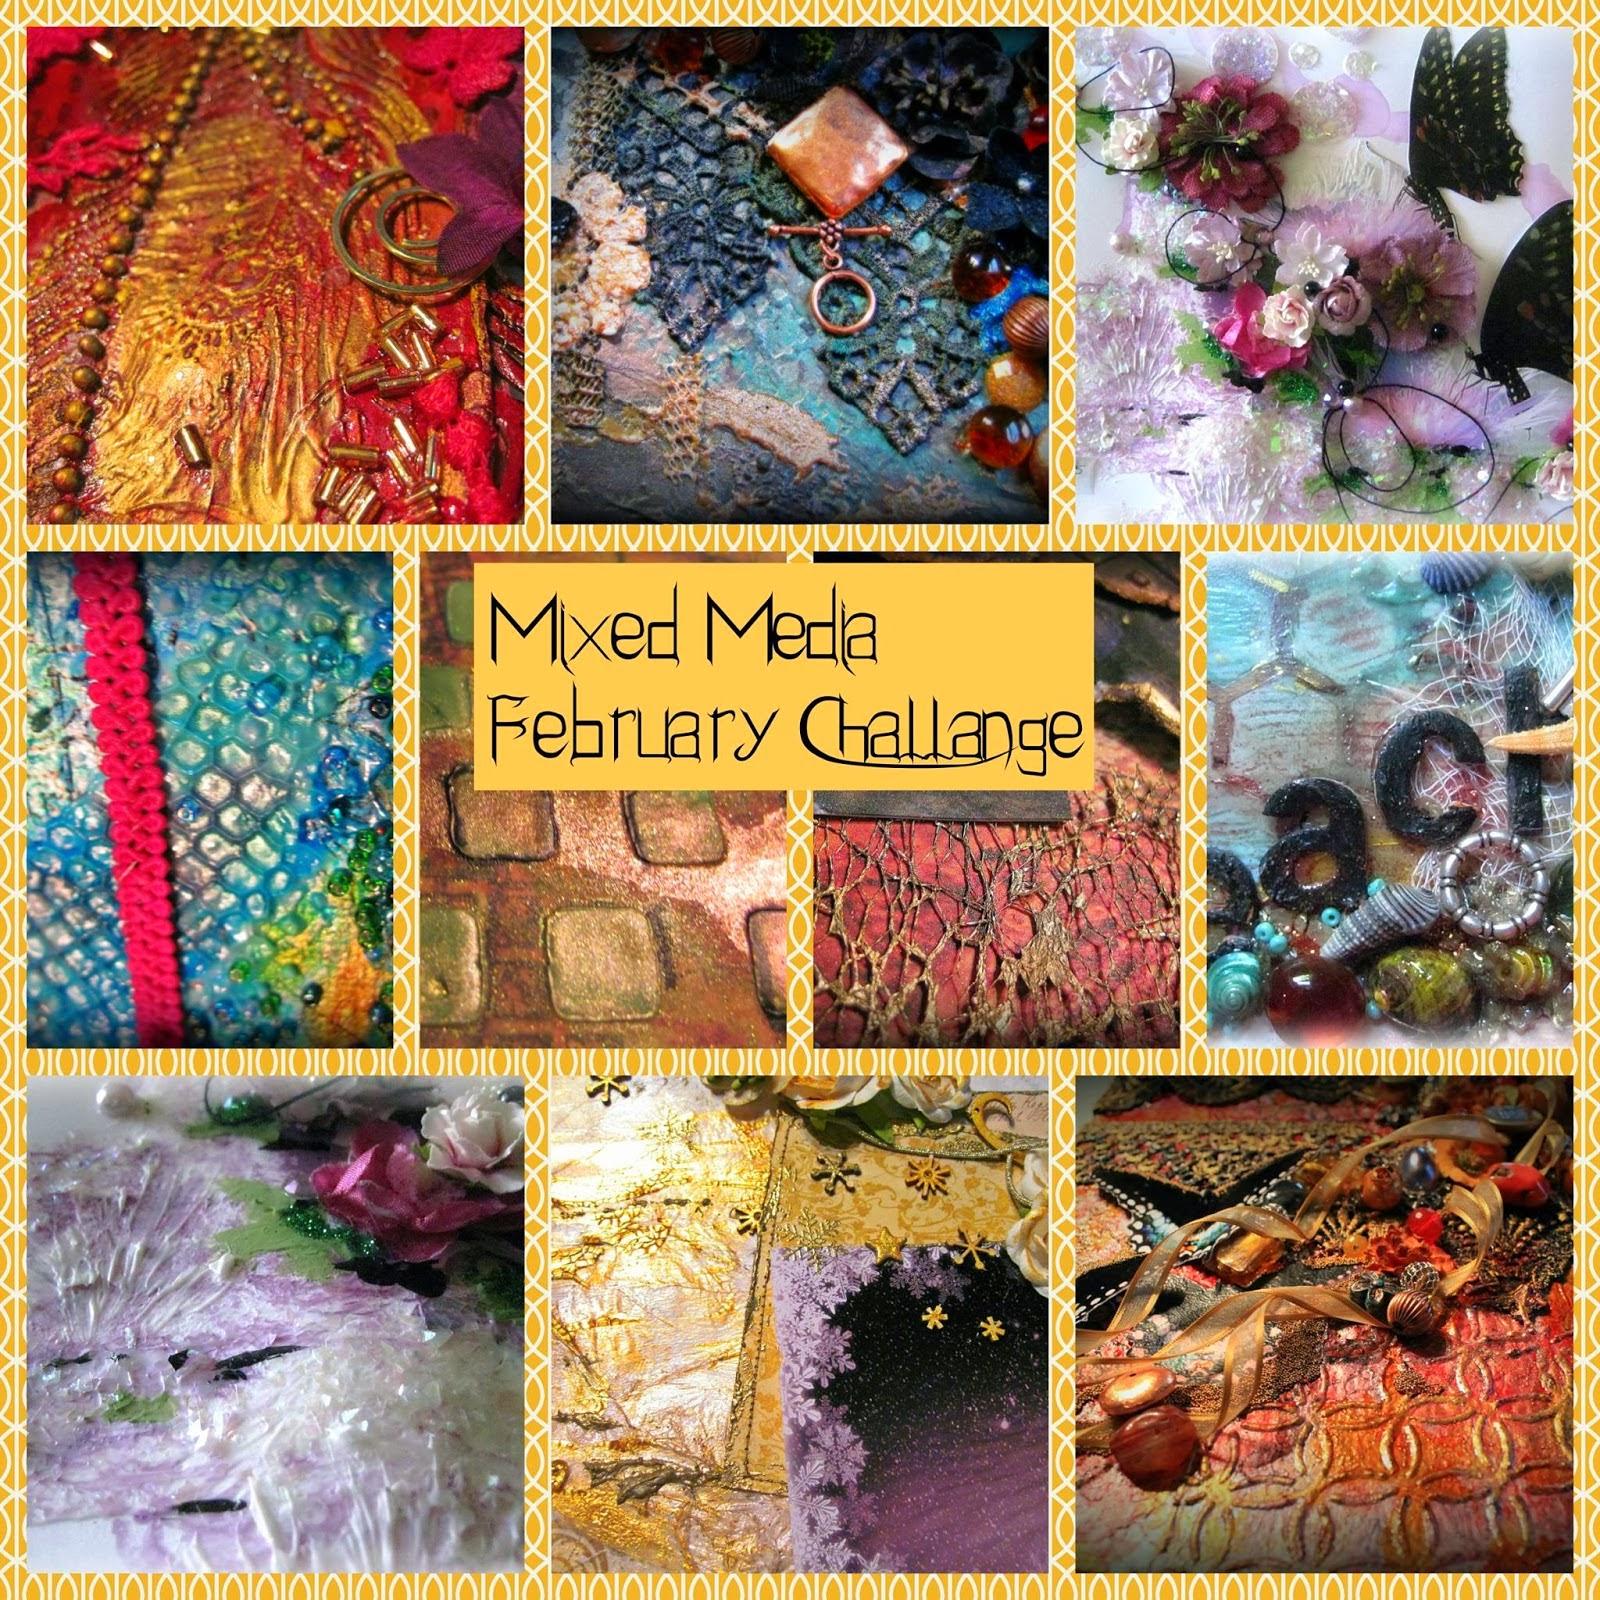 http://berry71bleu.blogspot.com.au/